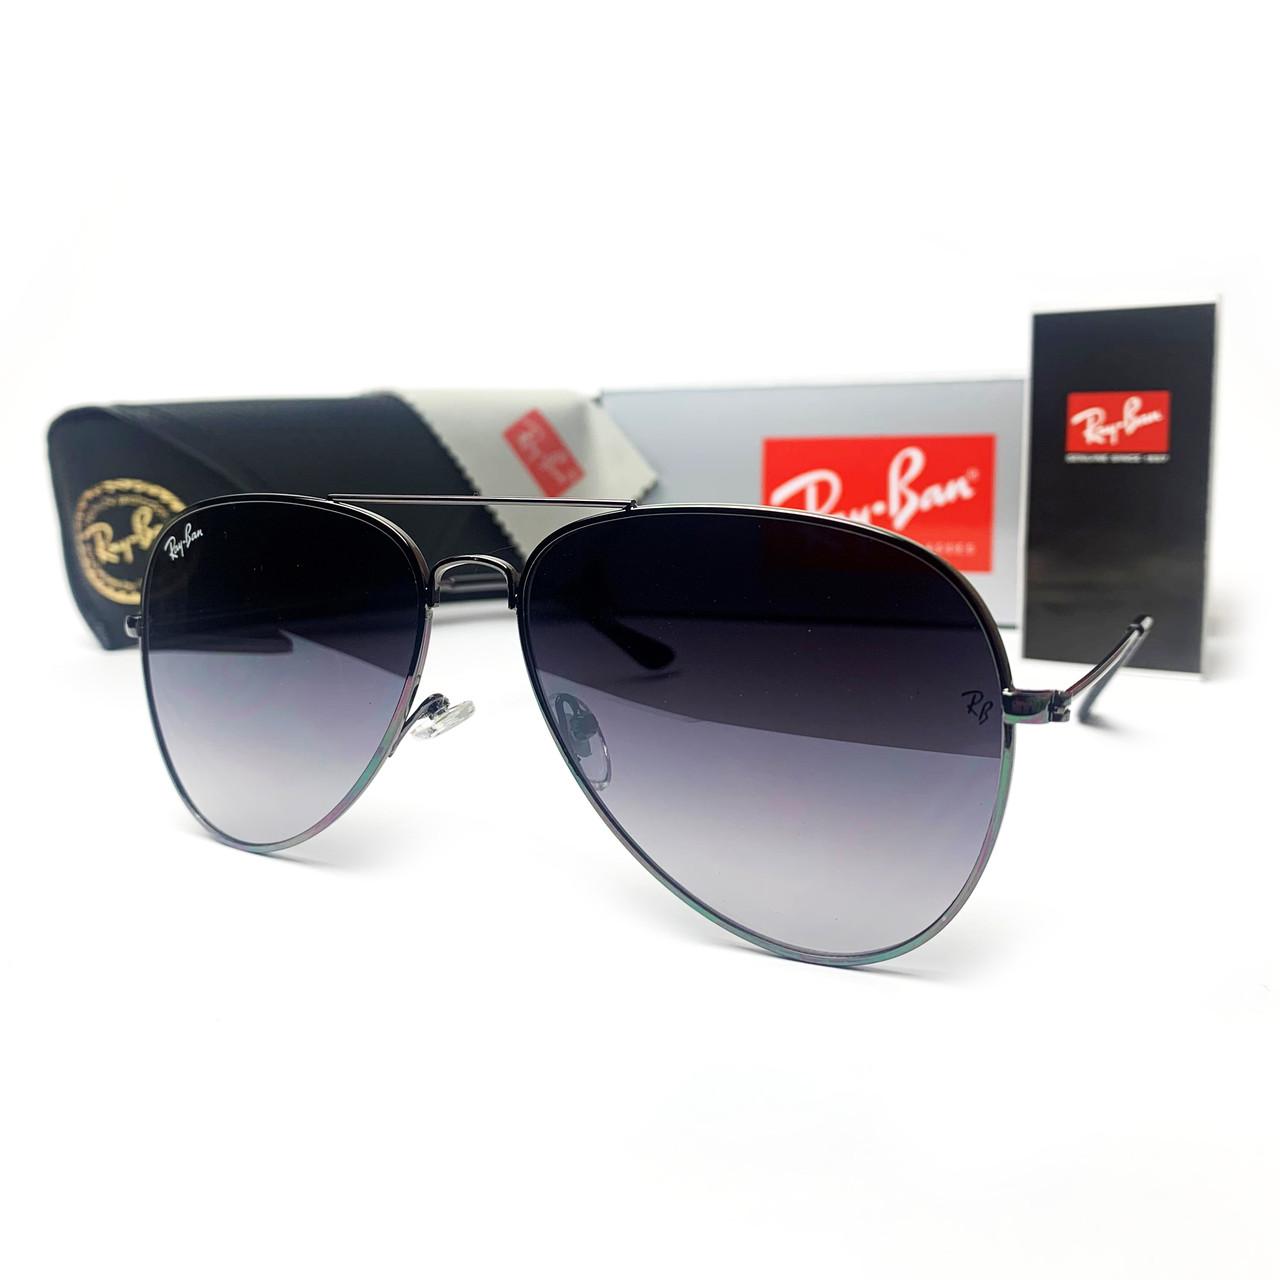 Сонцезахисні окуляри R-B Aviator Краплі 3025 Чорний Градієнт